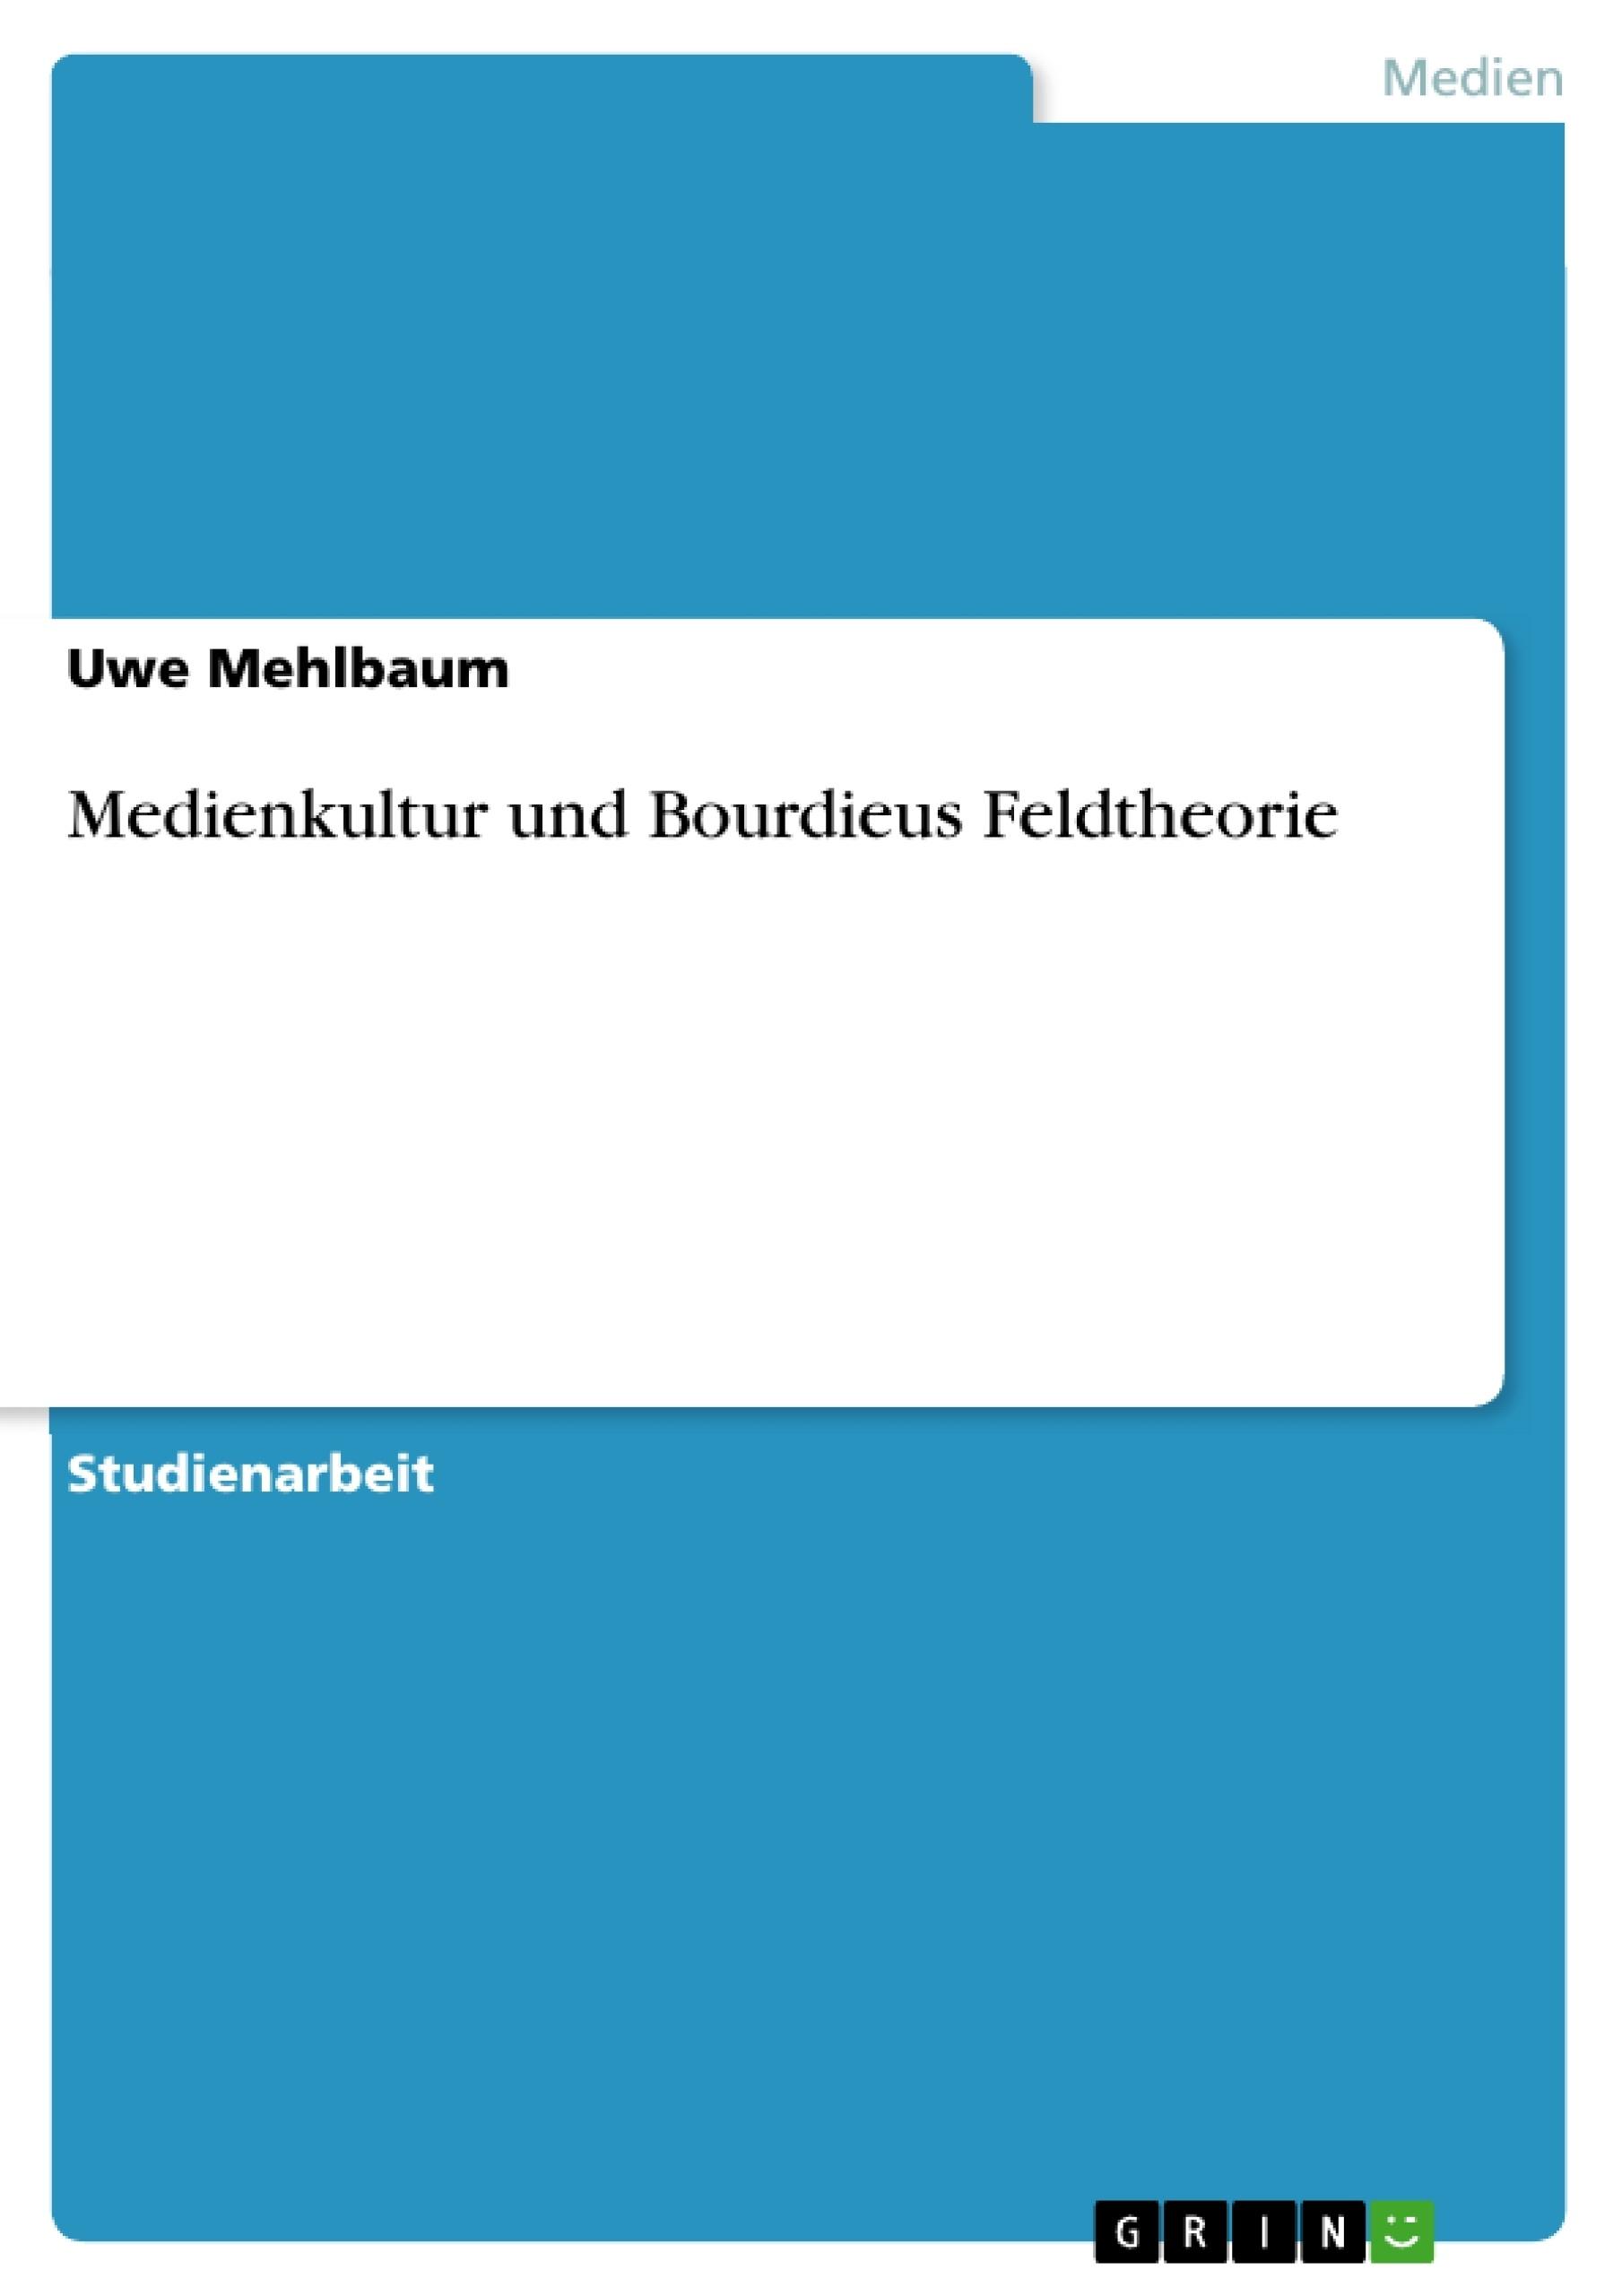 Titel: Medienkultur und Bourdieus Feldtheorie